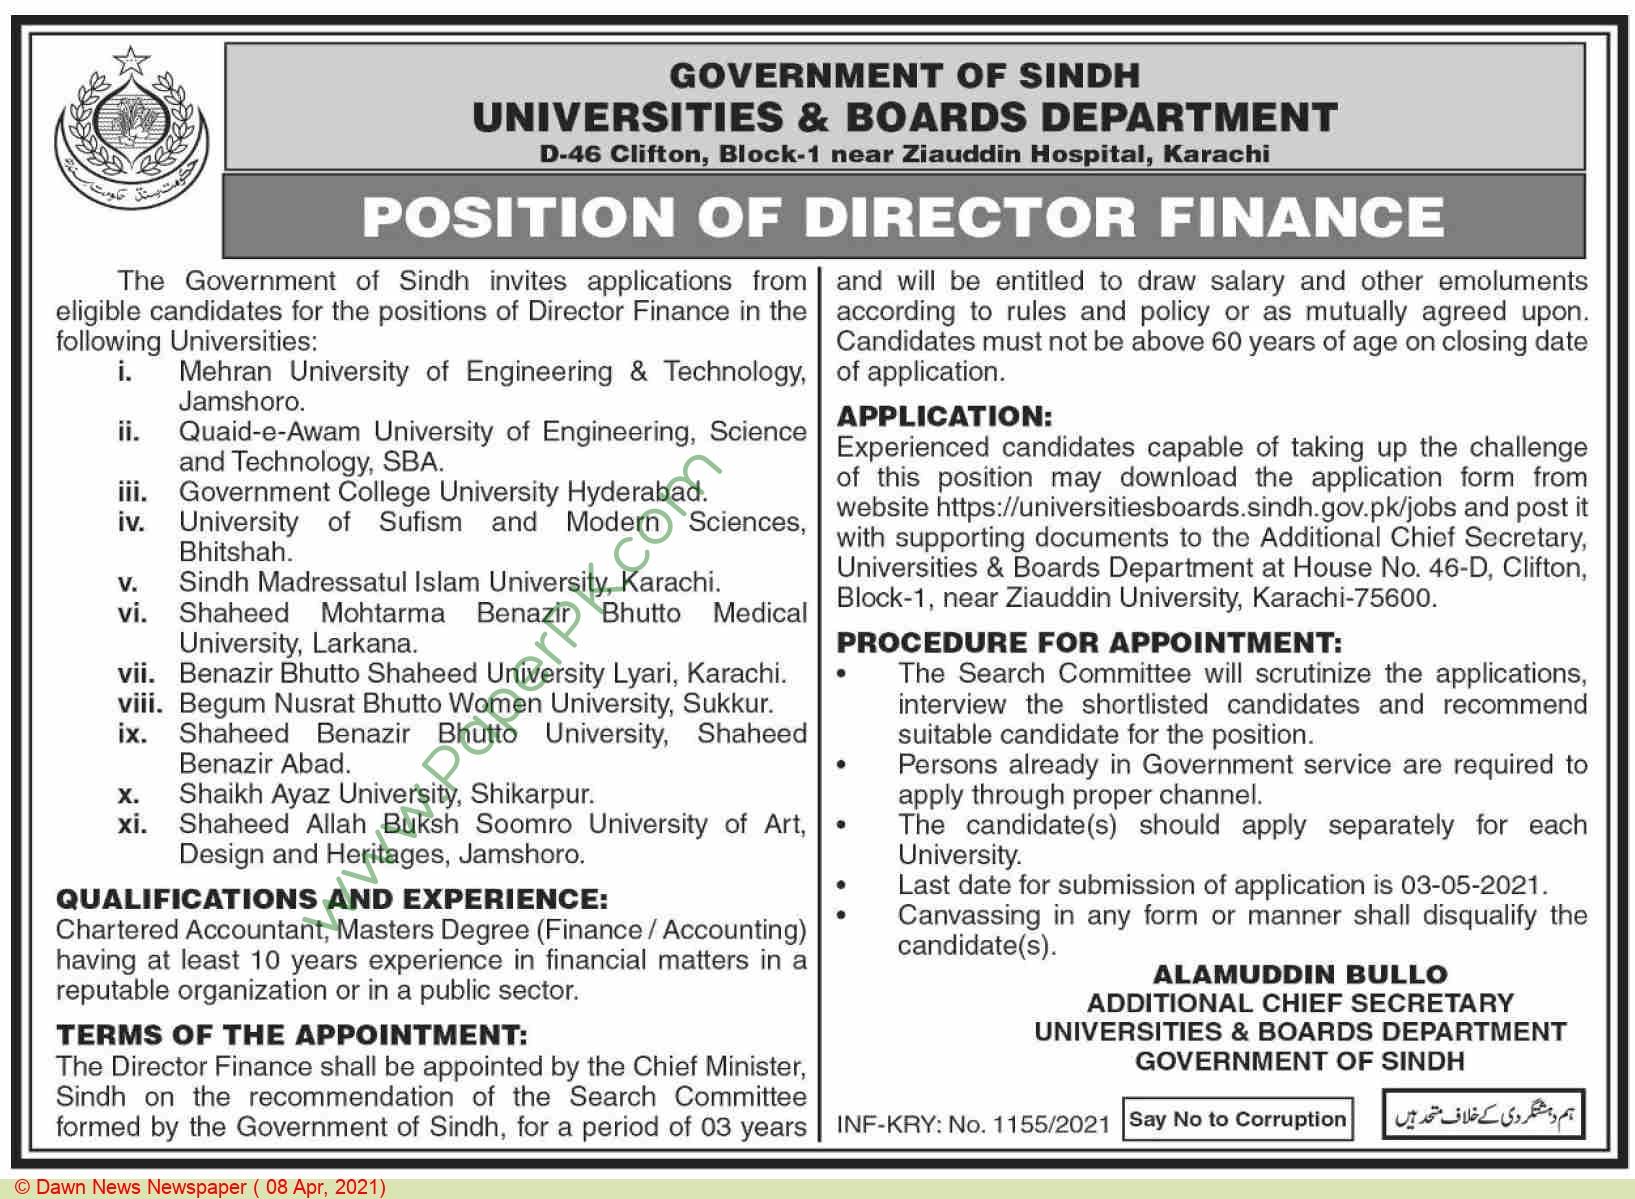 Universities & Boards Department Karachi Tender Notice